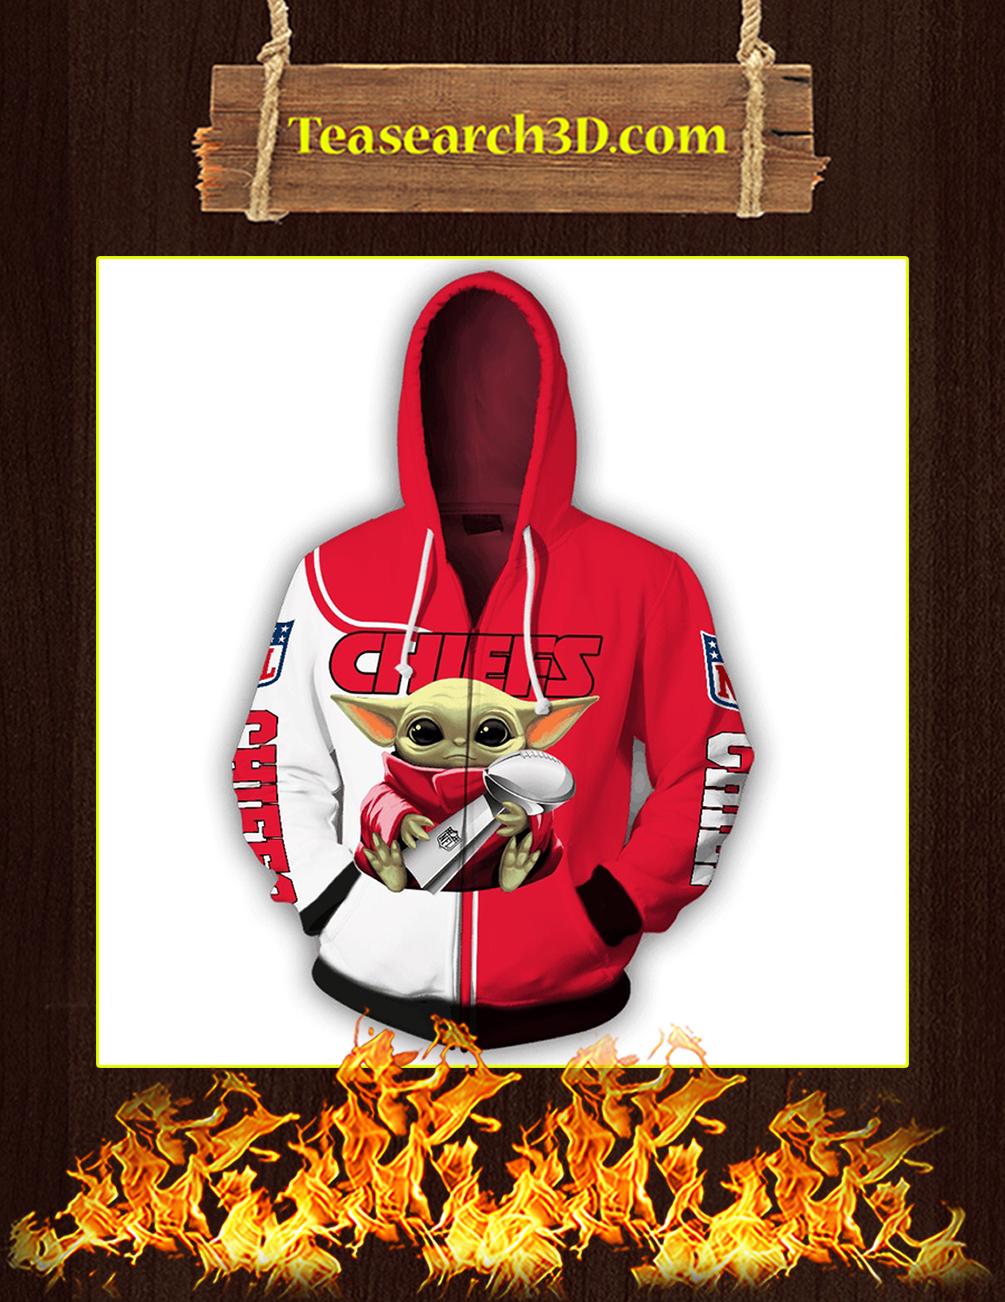 Chiefs Baby Yoda Hug Vince Lombardi Trophy 3D Full Printing Zip Hoodie